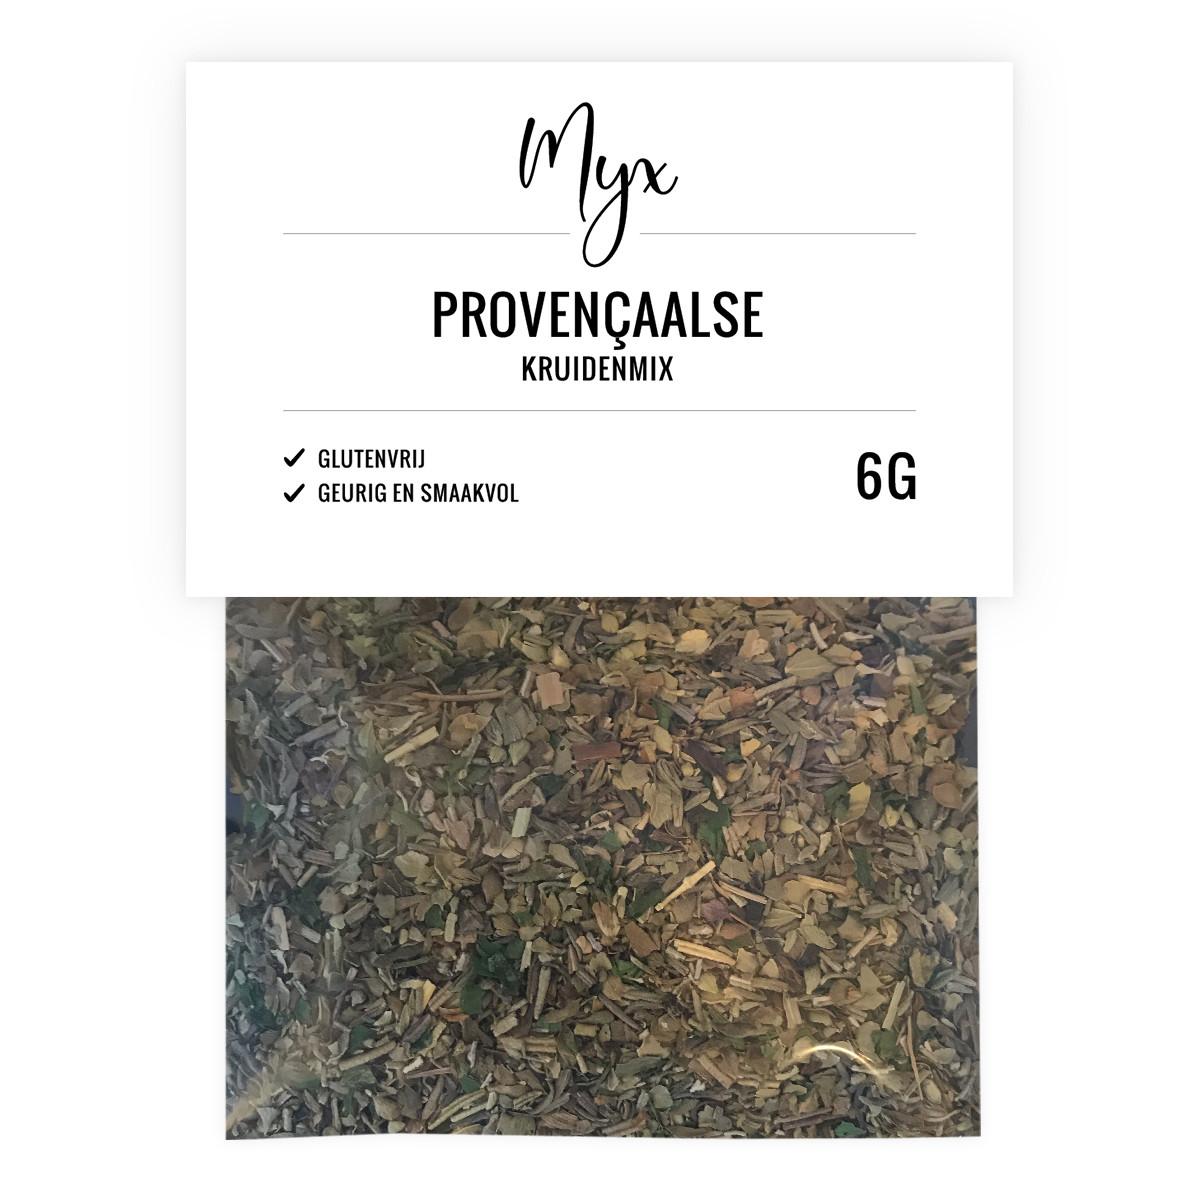 Provençaalse Kruidenmix